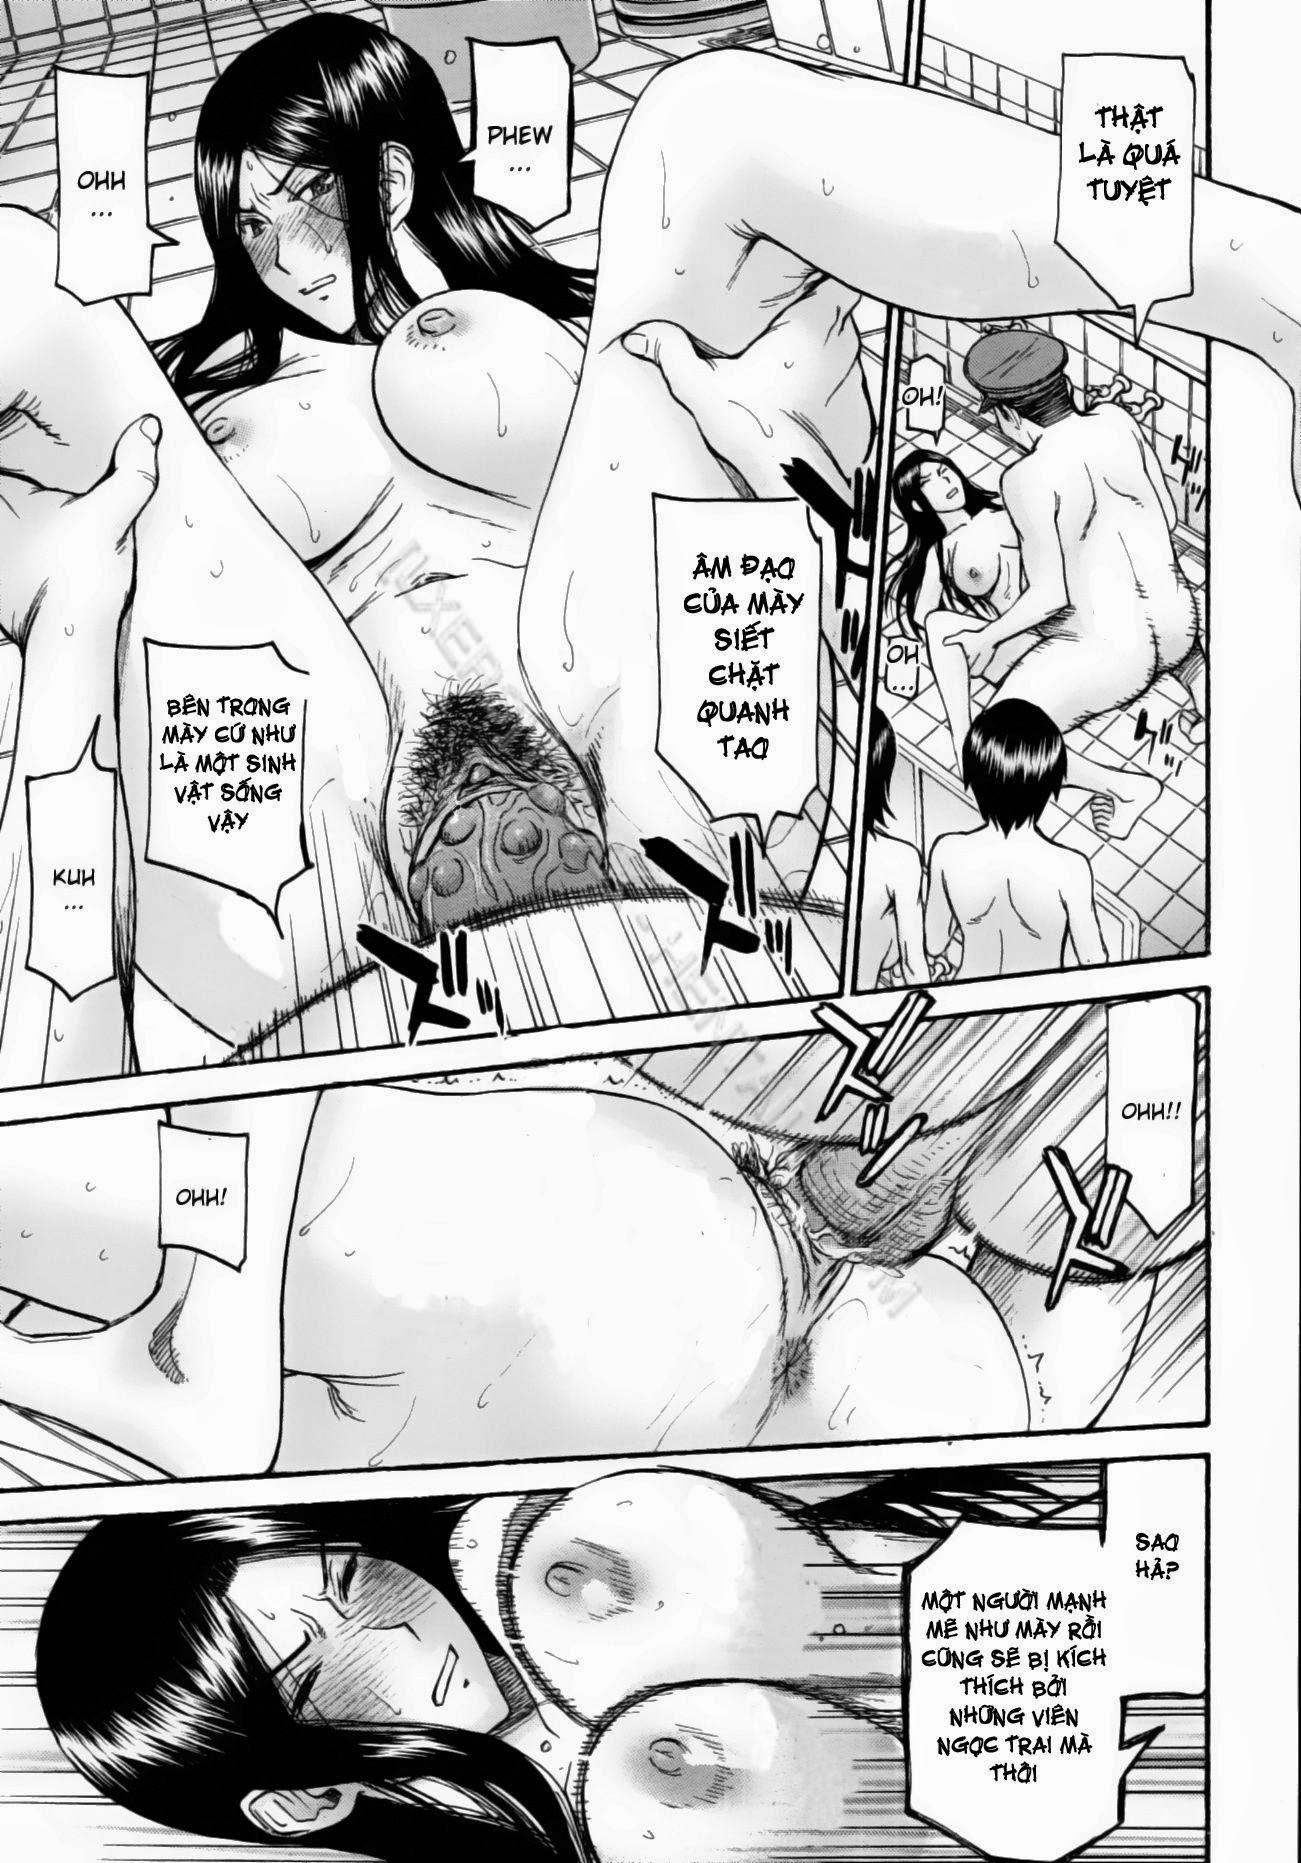 Hình ảnh Hinh021 in Sex Bạo Dâm Dây Trói Xiềng Xích [Uncen]